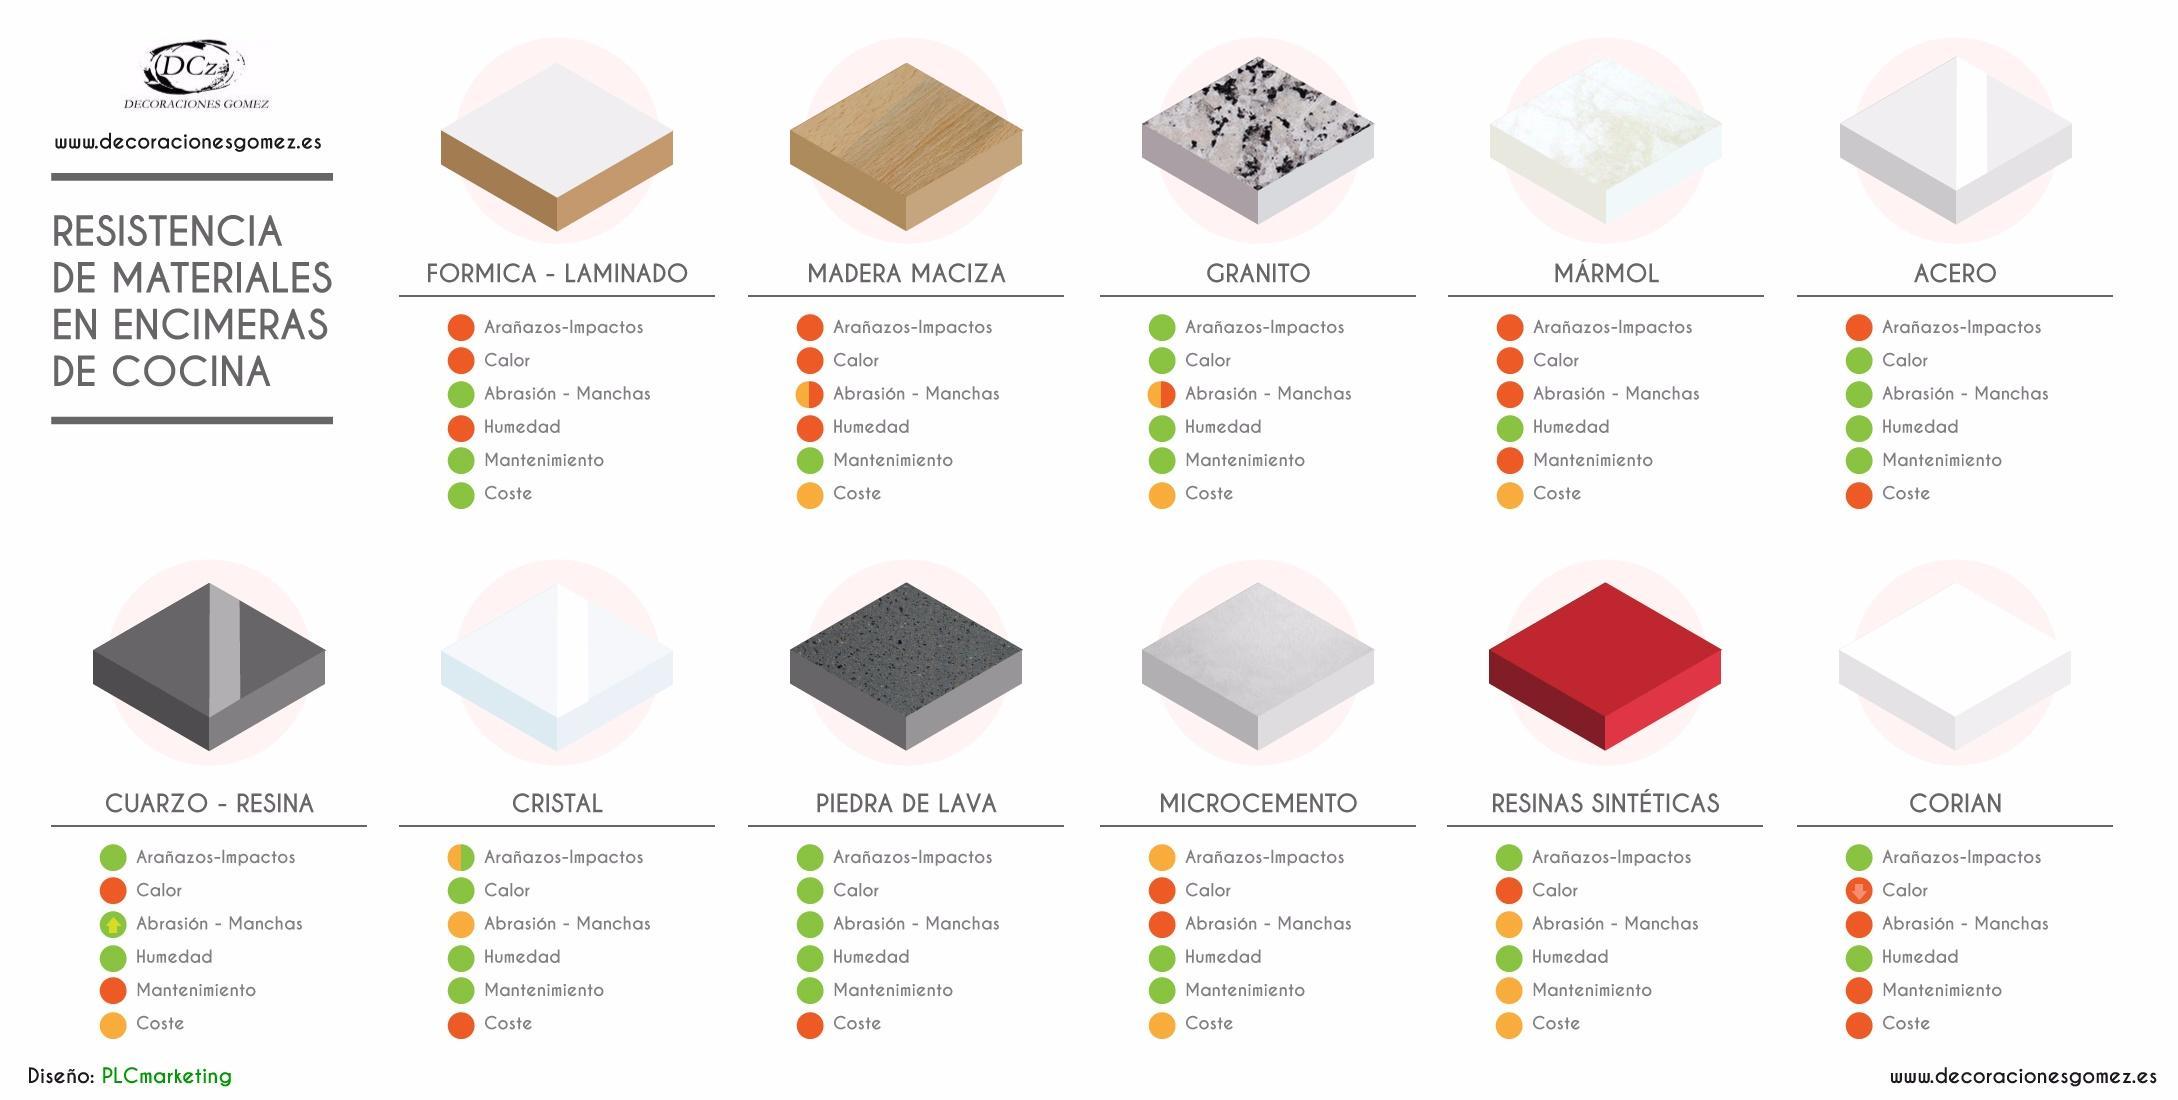 Materiales encimeras de cocina consejos y comparaci n Mejor material para encimeras de cocina